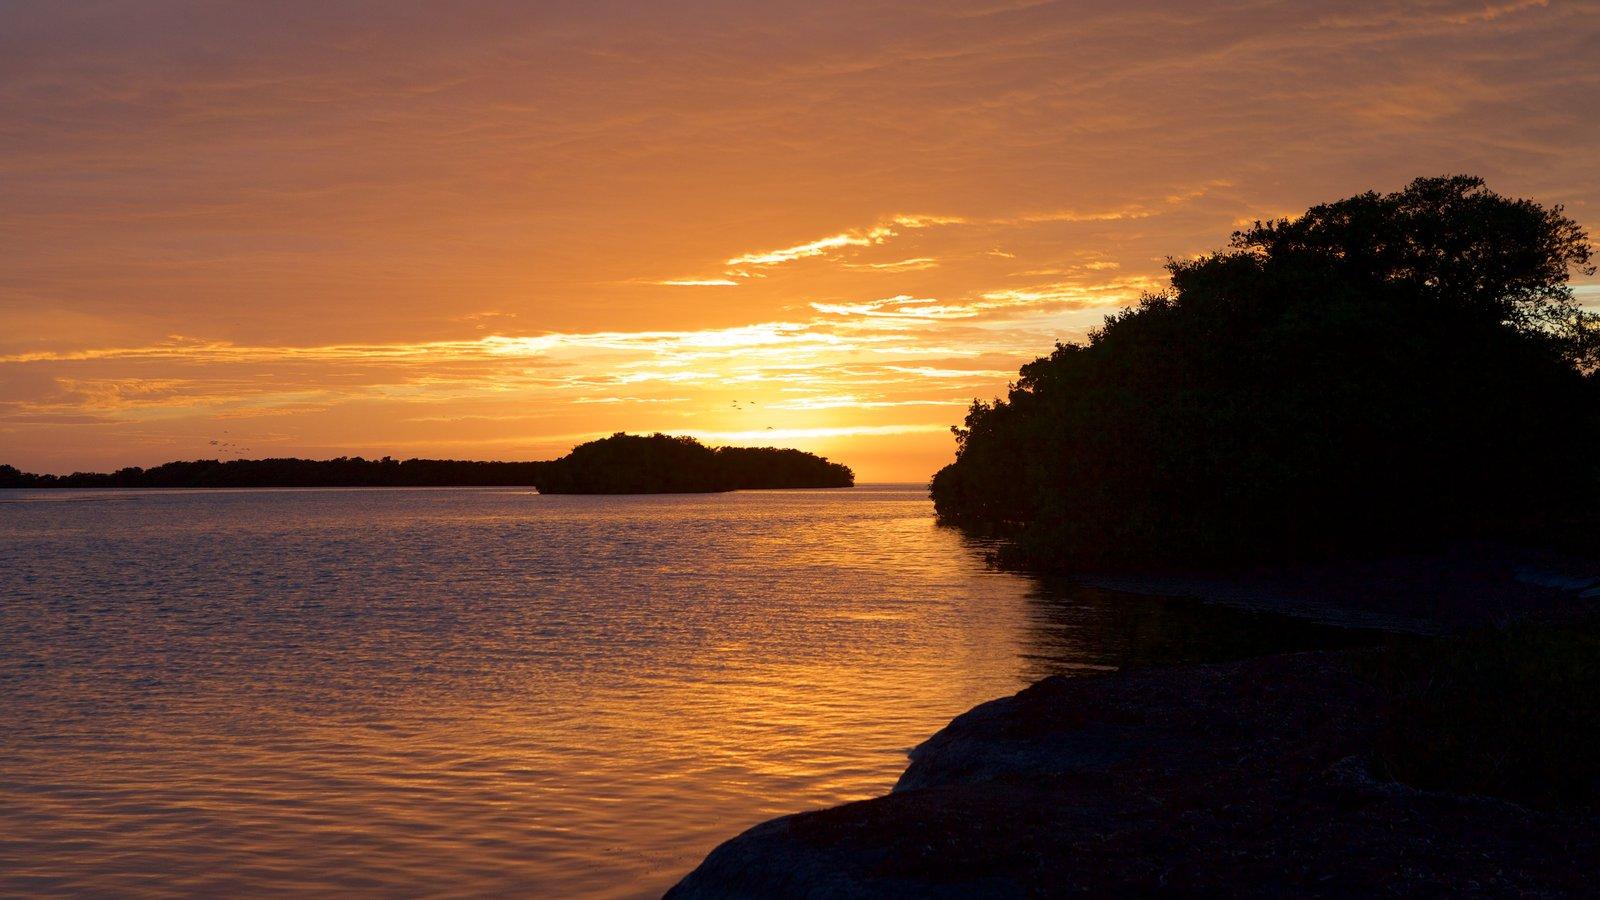 Everglades National Park que inclui cenas noturnas, paisagens litorâneas e um pôr do sol